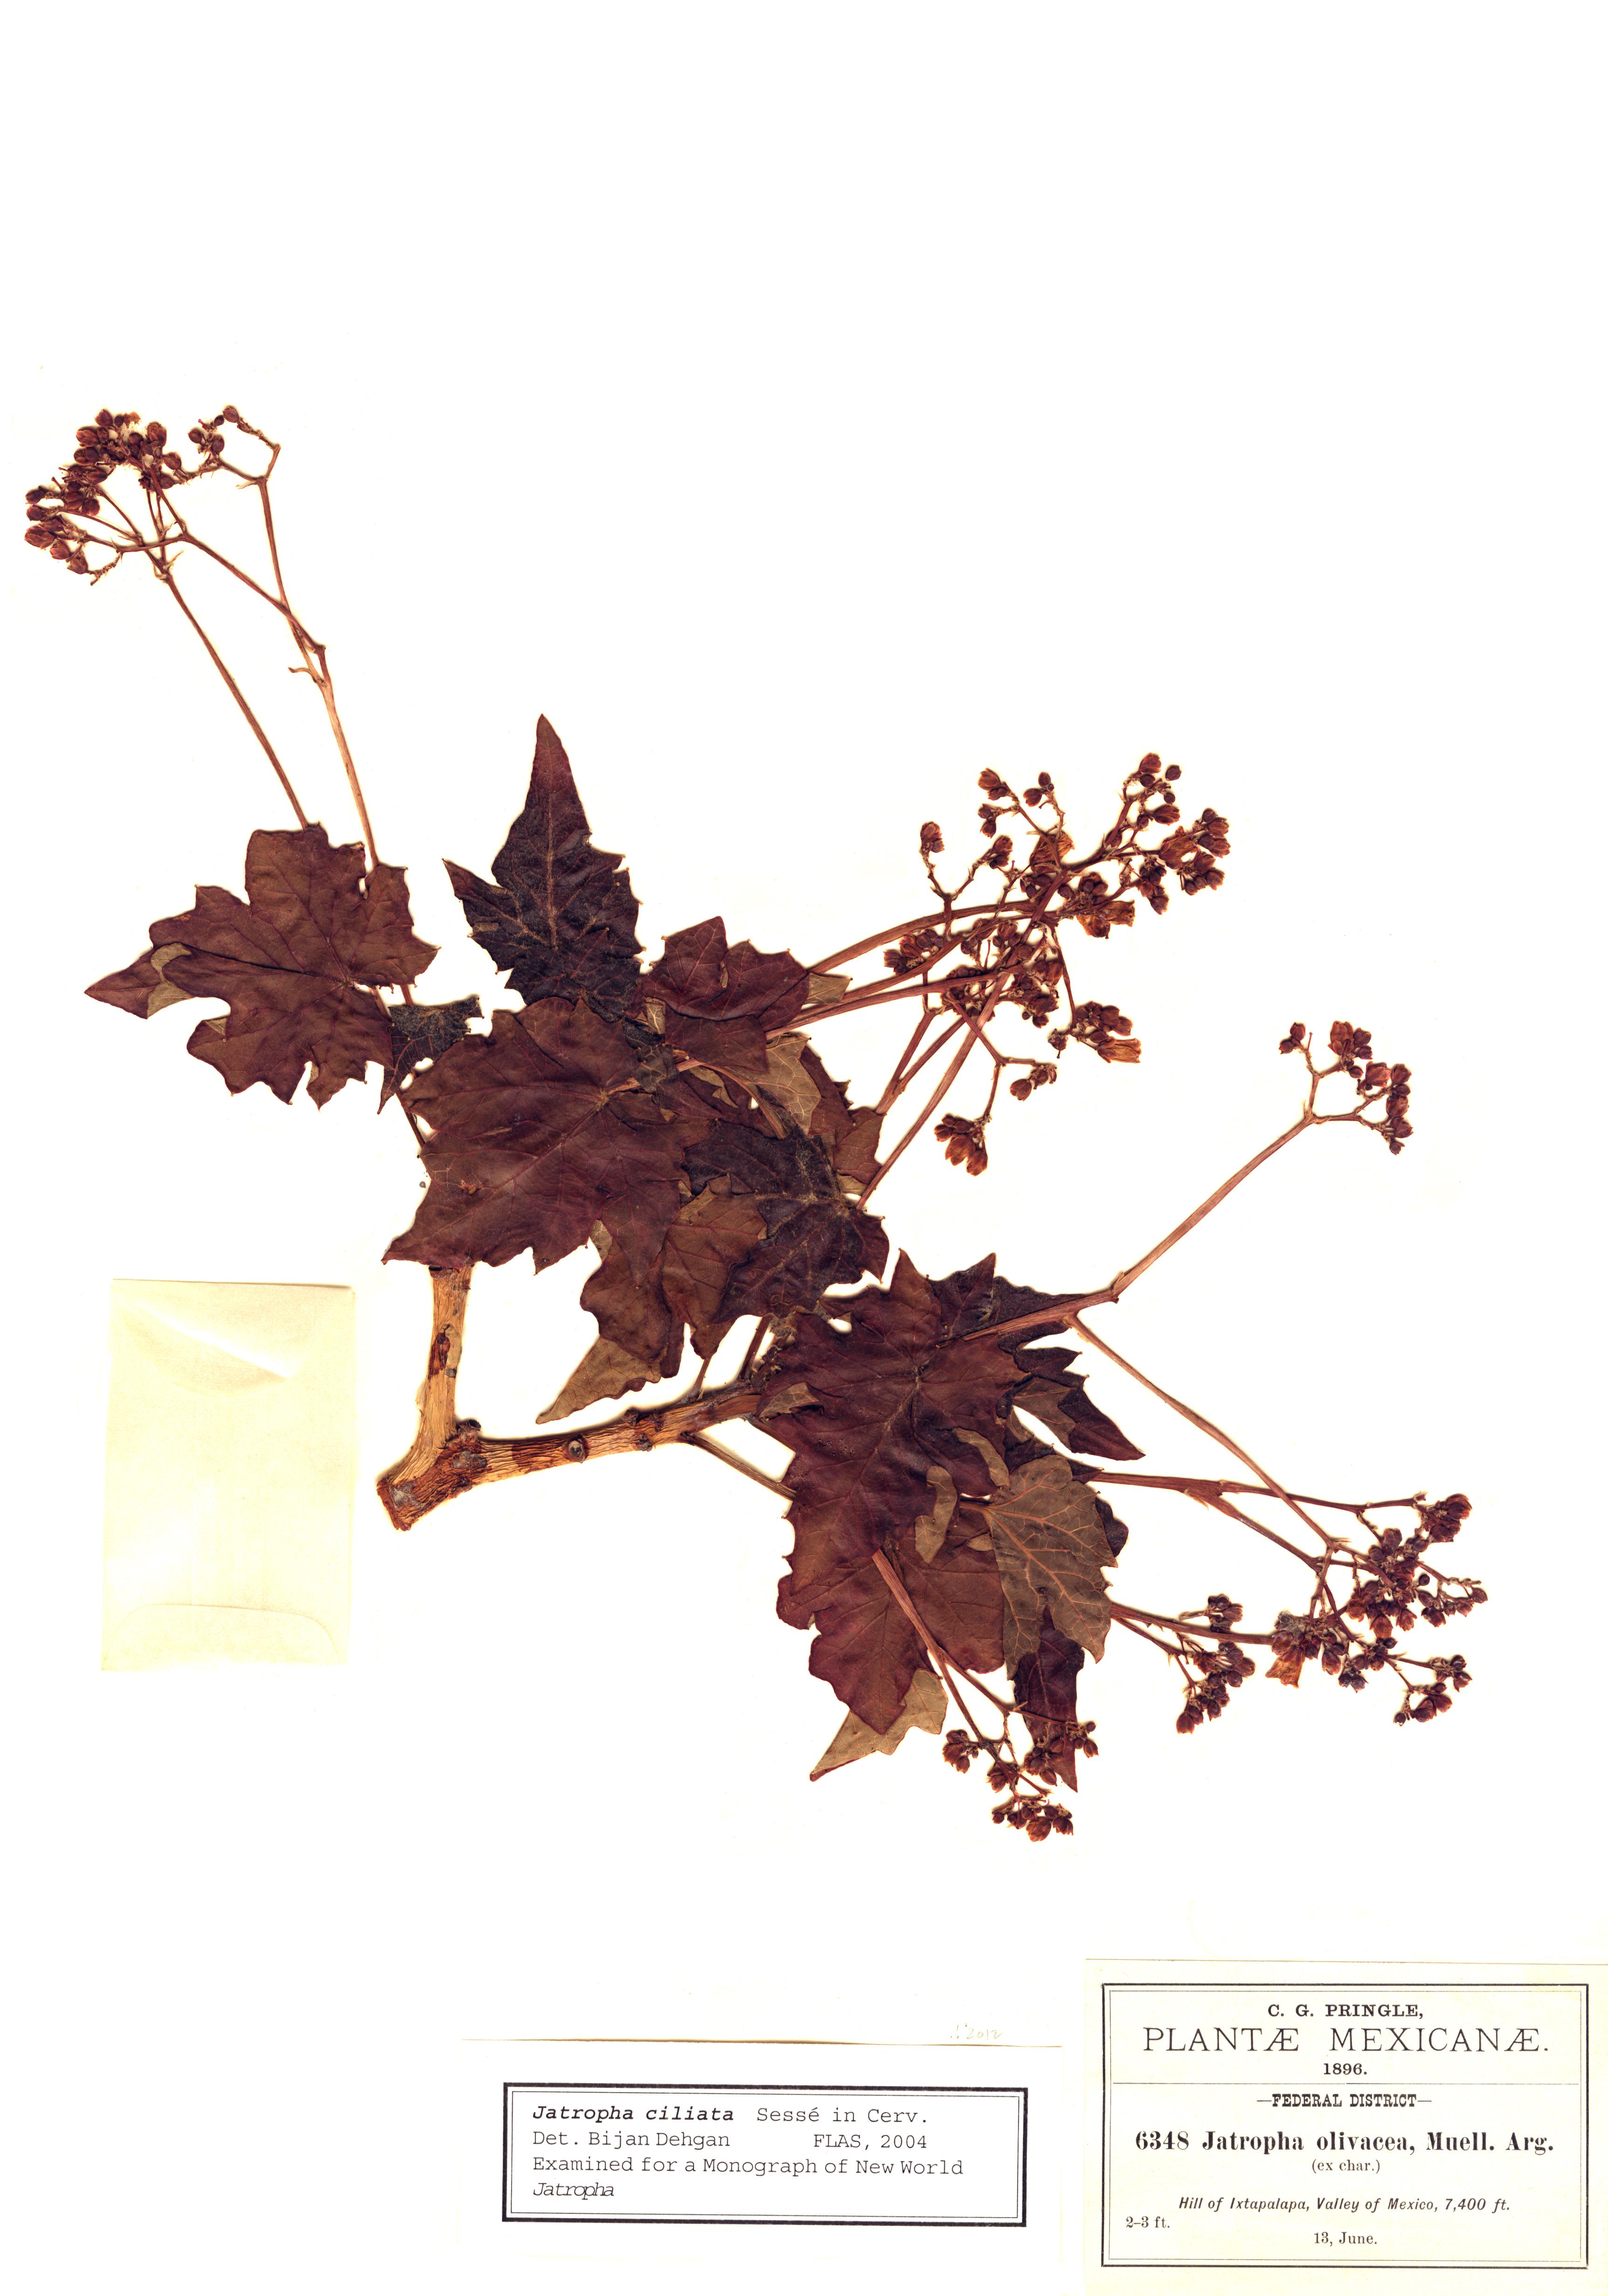 Specimen: Jatropha ciliata